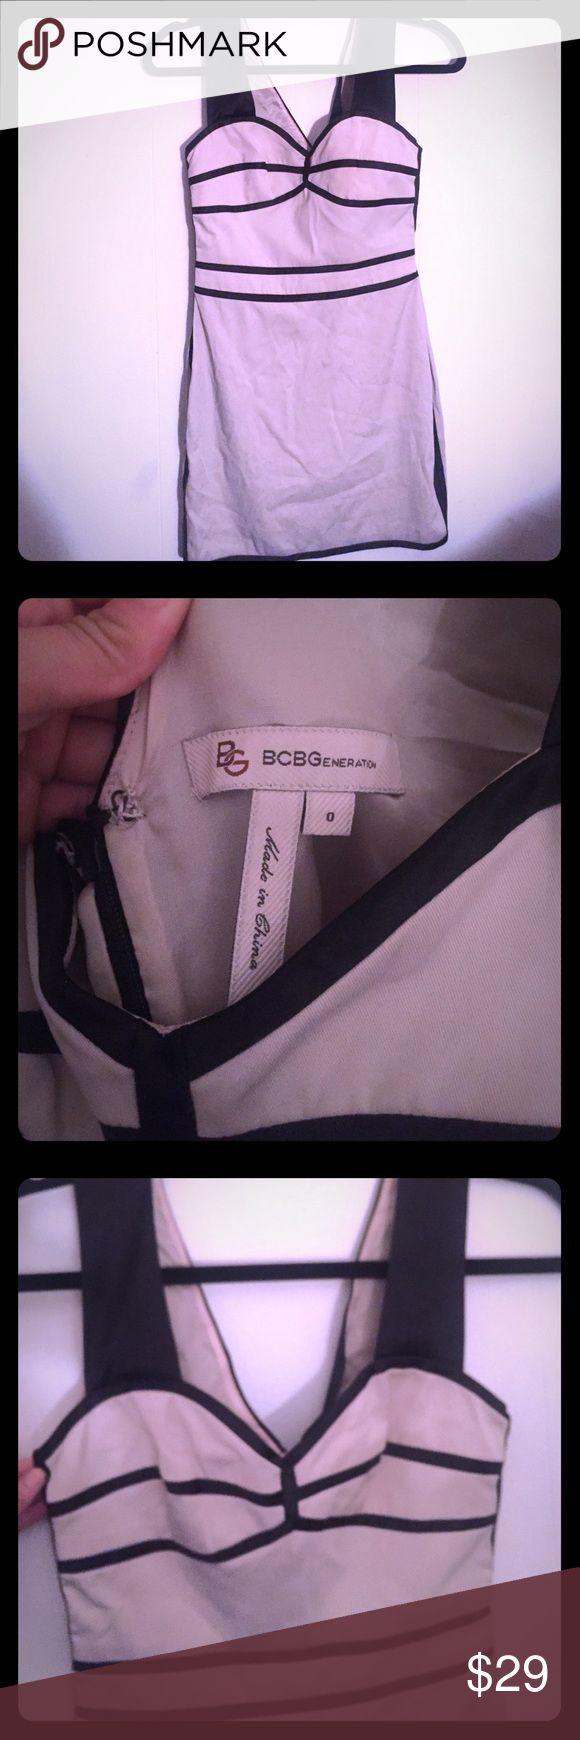 BCBGeneration Khaki Tux Mini Dress BCBGeneration Khaki Tux Mini Dress. Size 0. Style: KSL6H878. 62% Polyester 35% Cotton 3% Spandex. BCBGeneration Dresses Mini